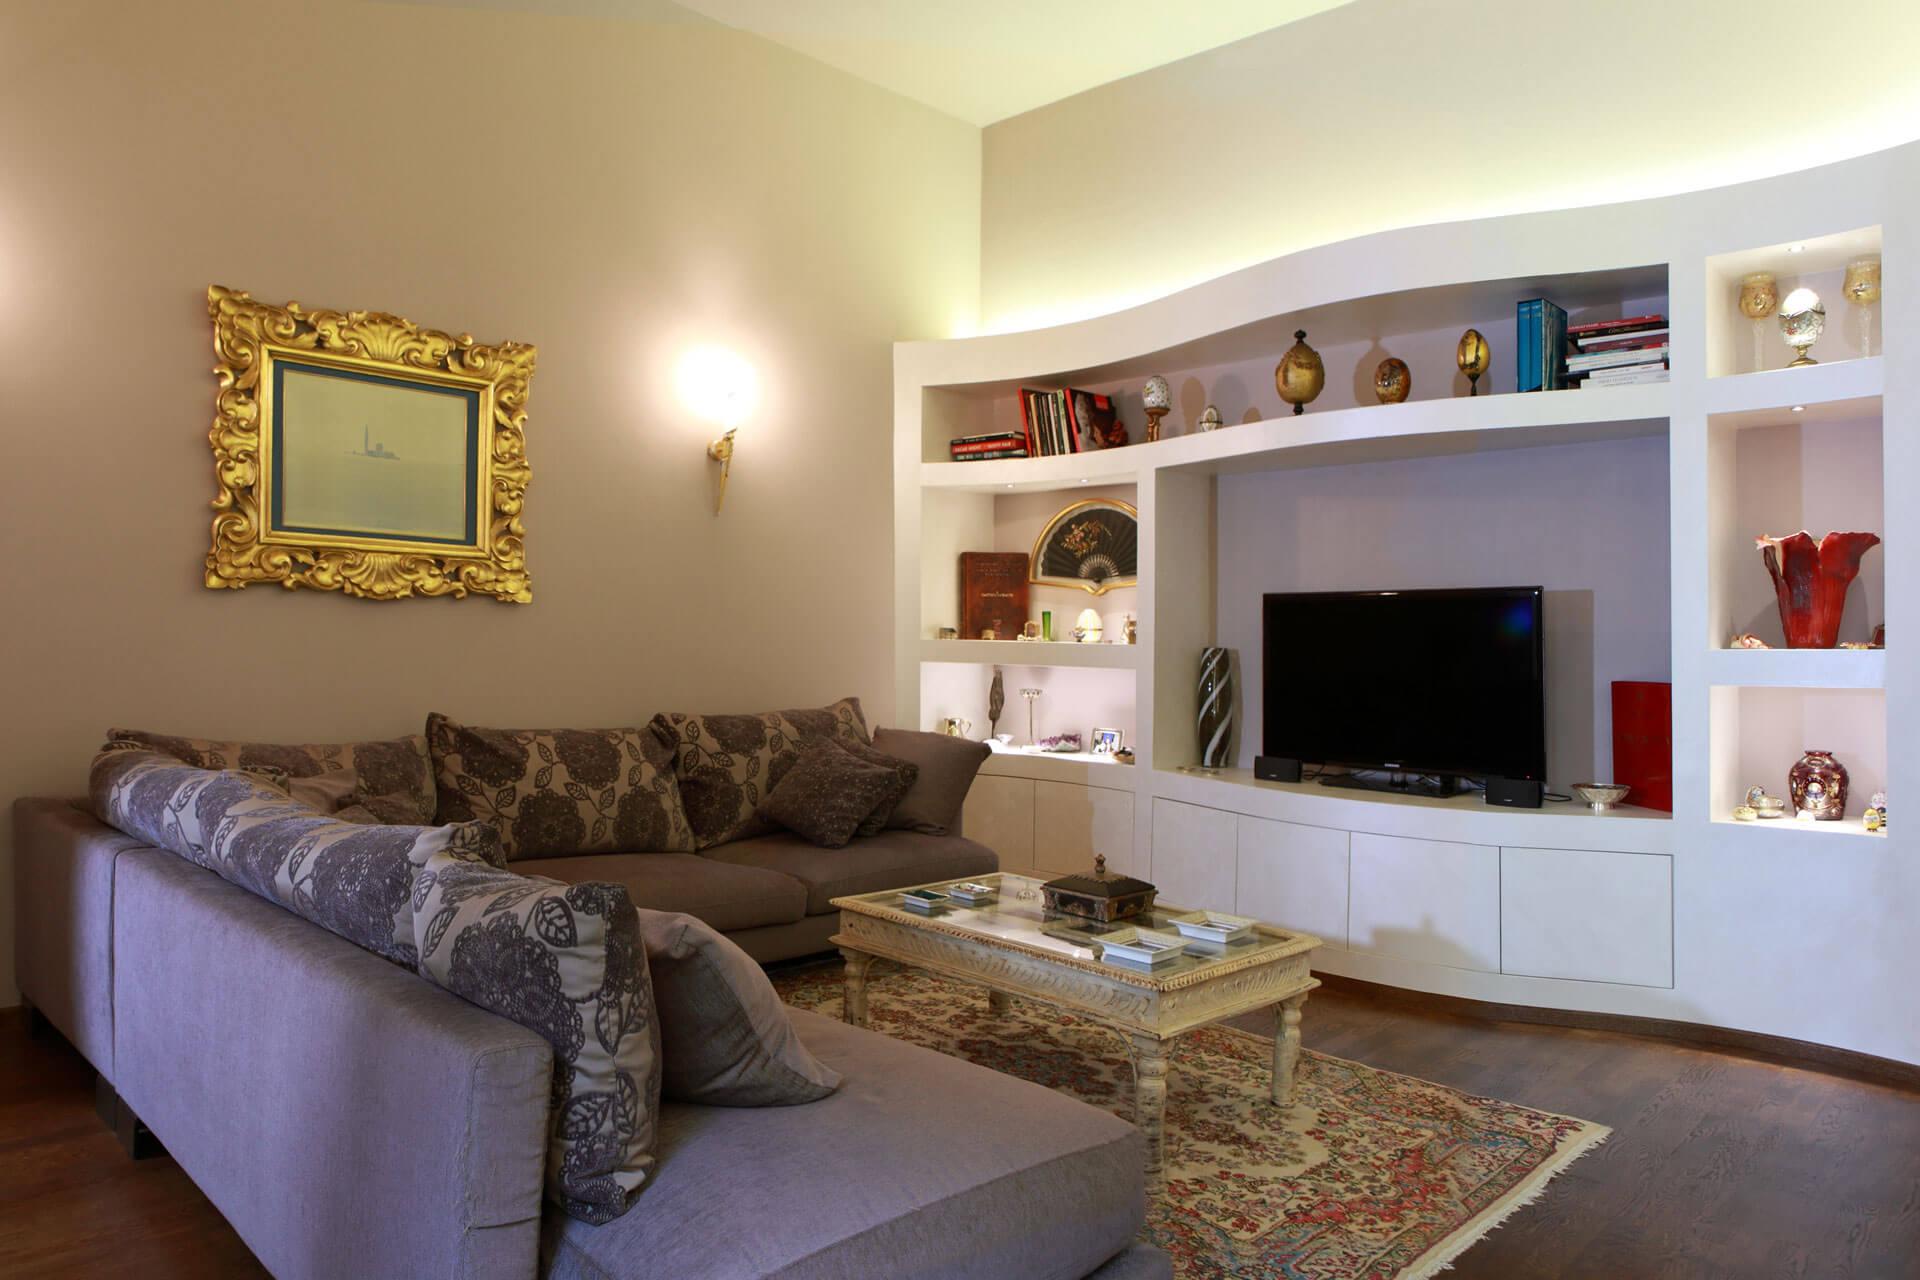 micaela-mazzoni-studio-interior-designer-bologna-progetti-abitativi-gallery-appartamento-via-schiavonia-bologna-1